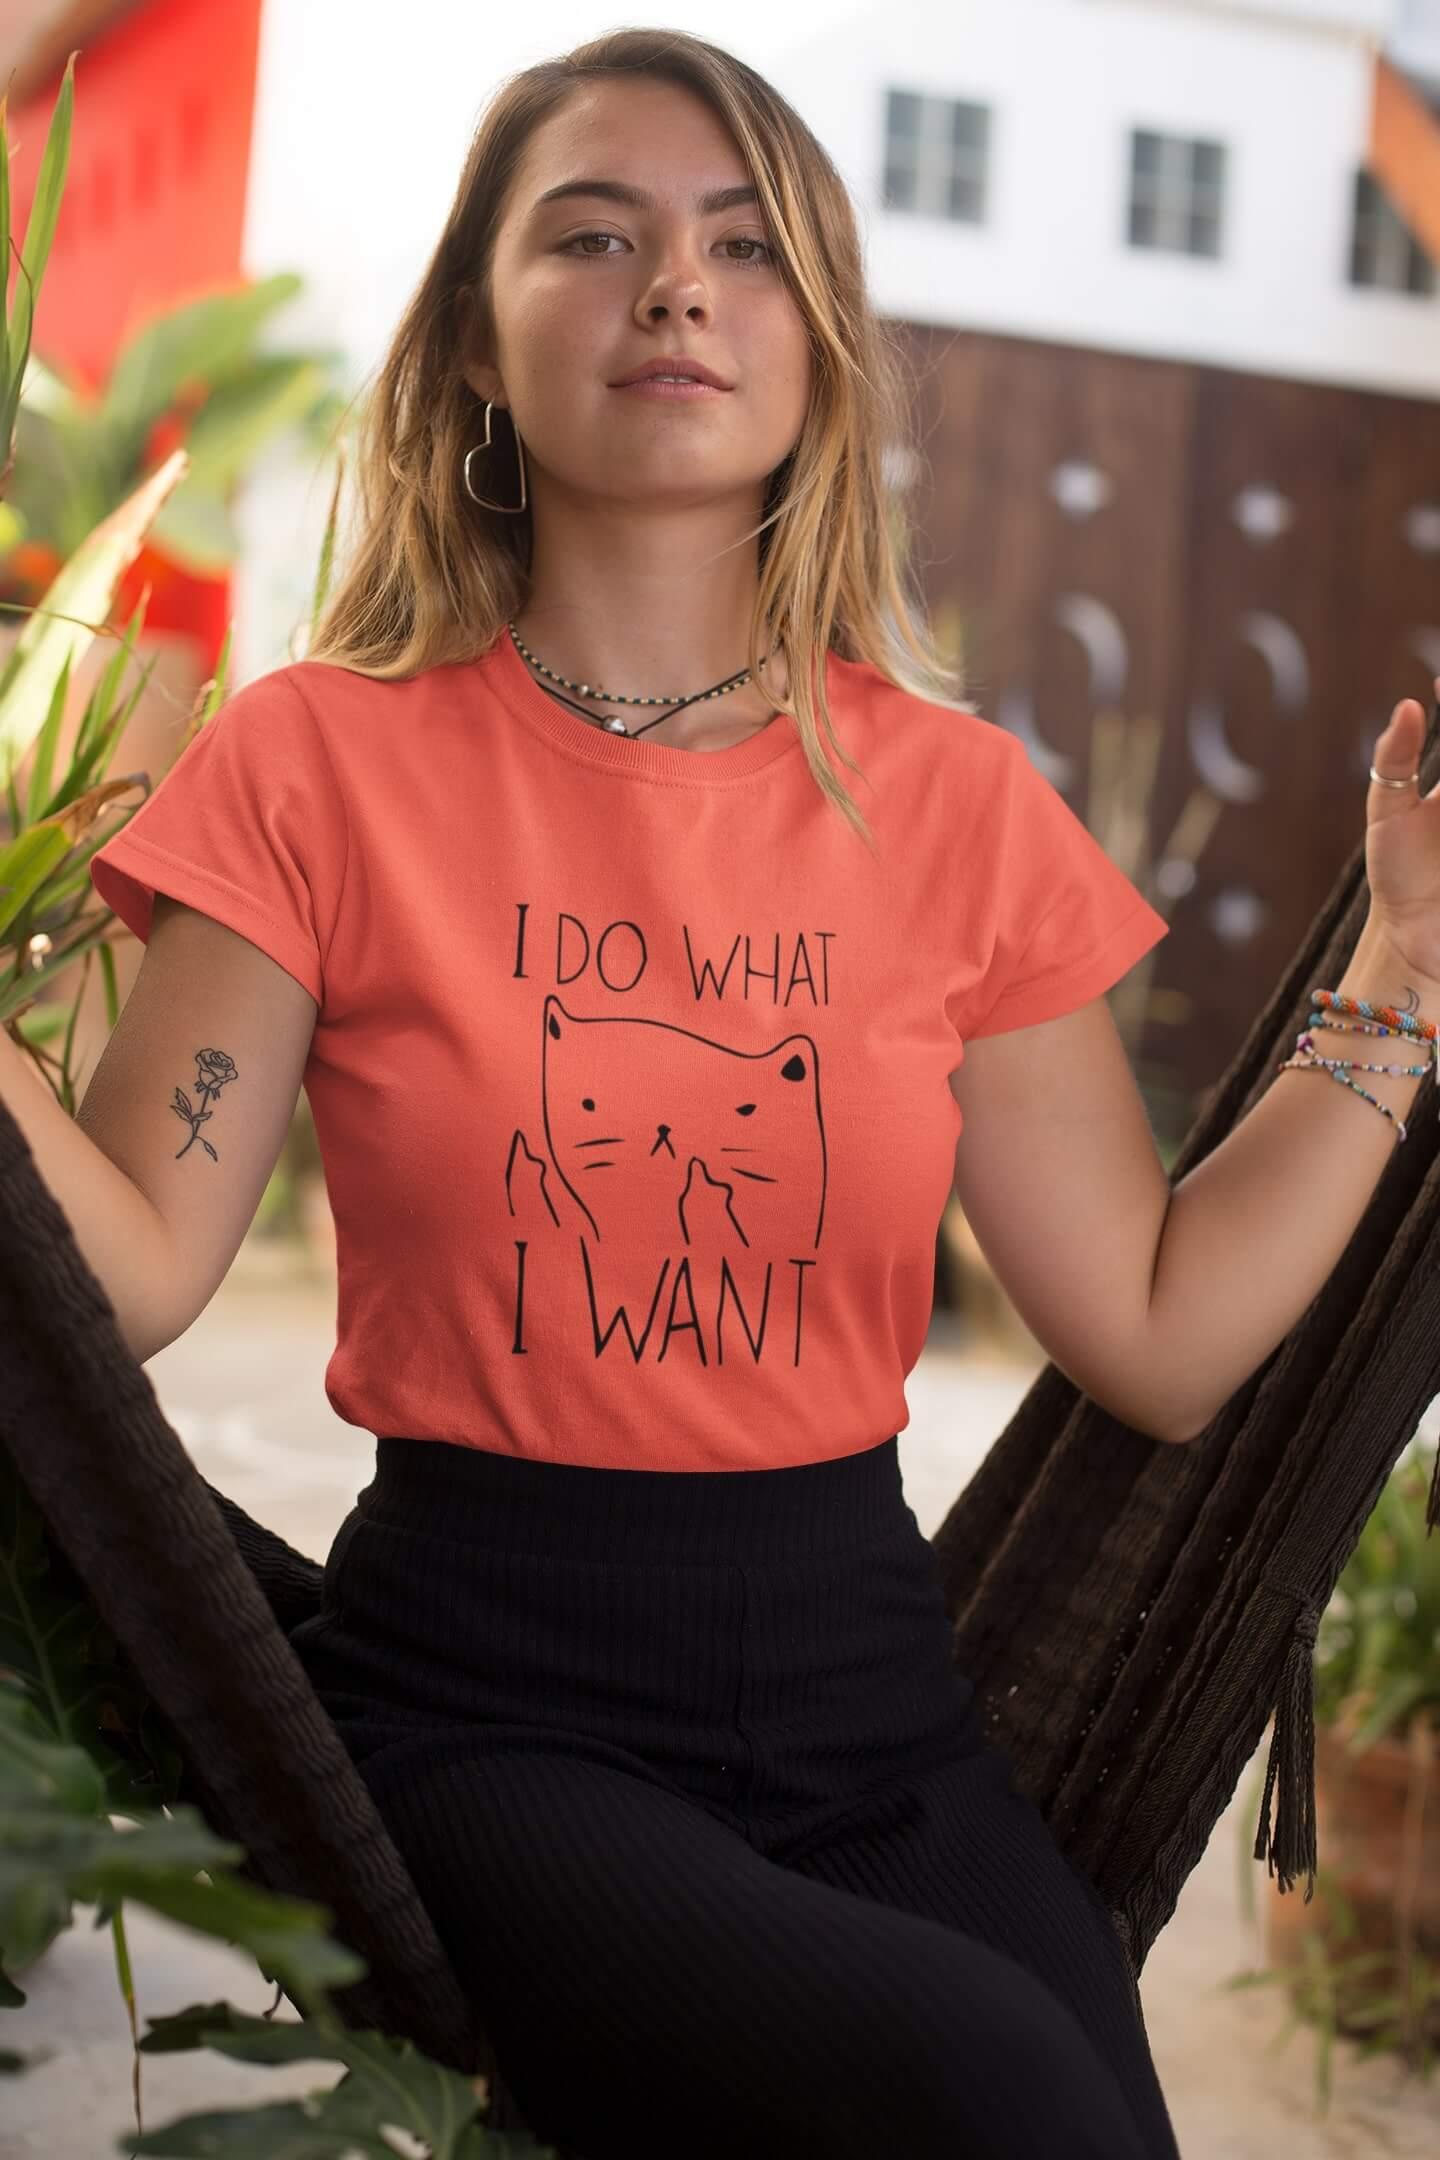 MMO Dámske tričko I DO WHAT I WANT Vyberte farbu: Korálová, Vyberte veľkosť: M